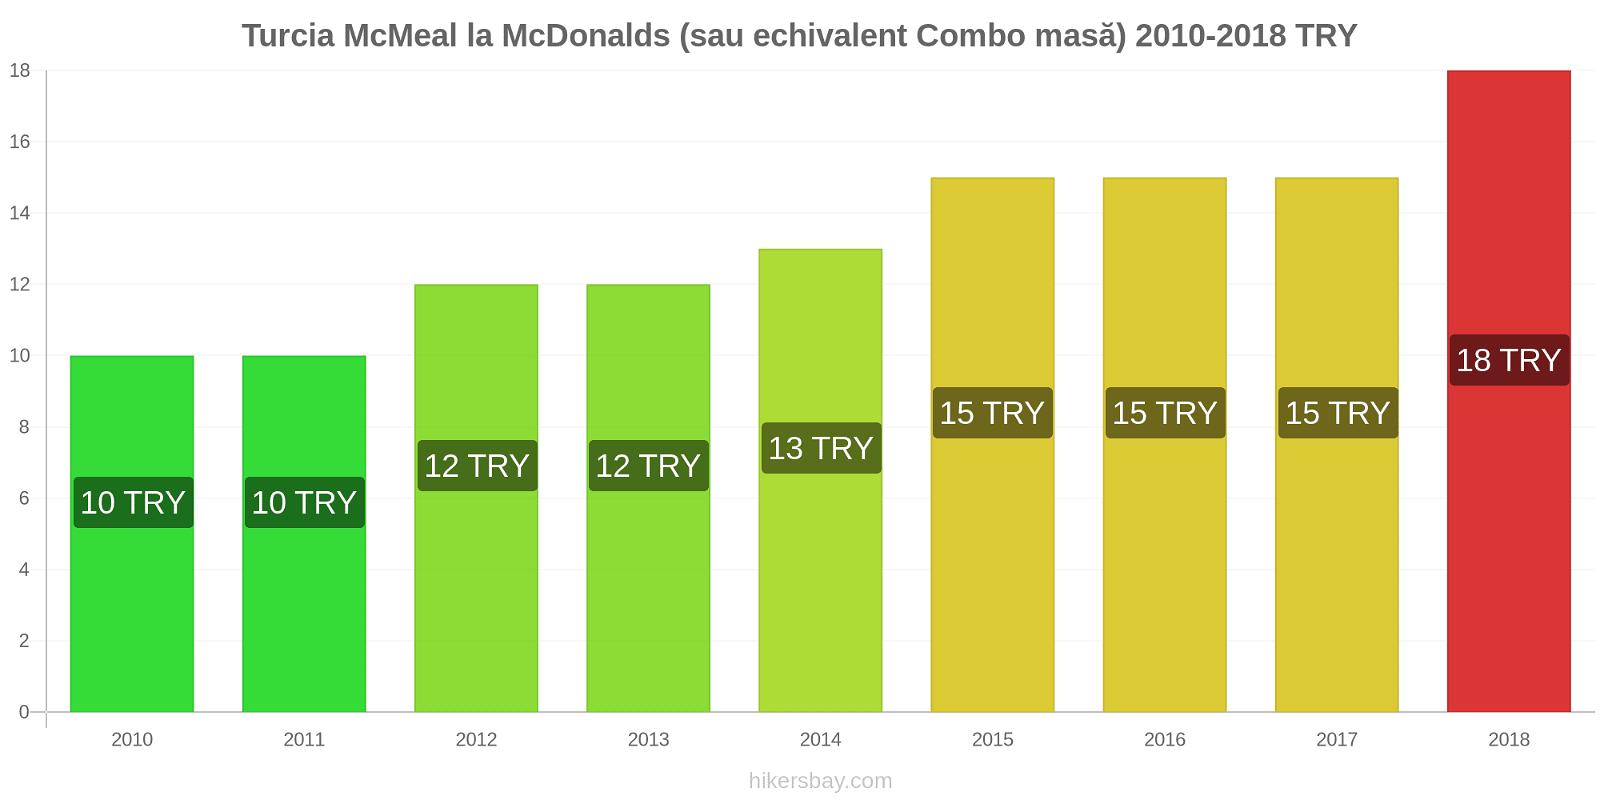 Turcia modificări de preț McMeal la McDonalds (sau echivalent Combo masă) hikersbay.com